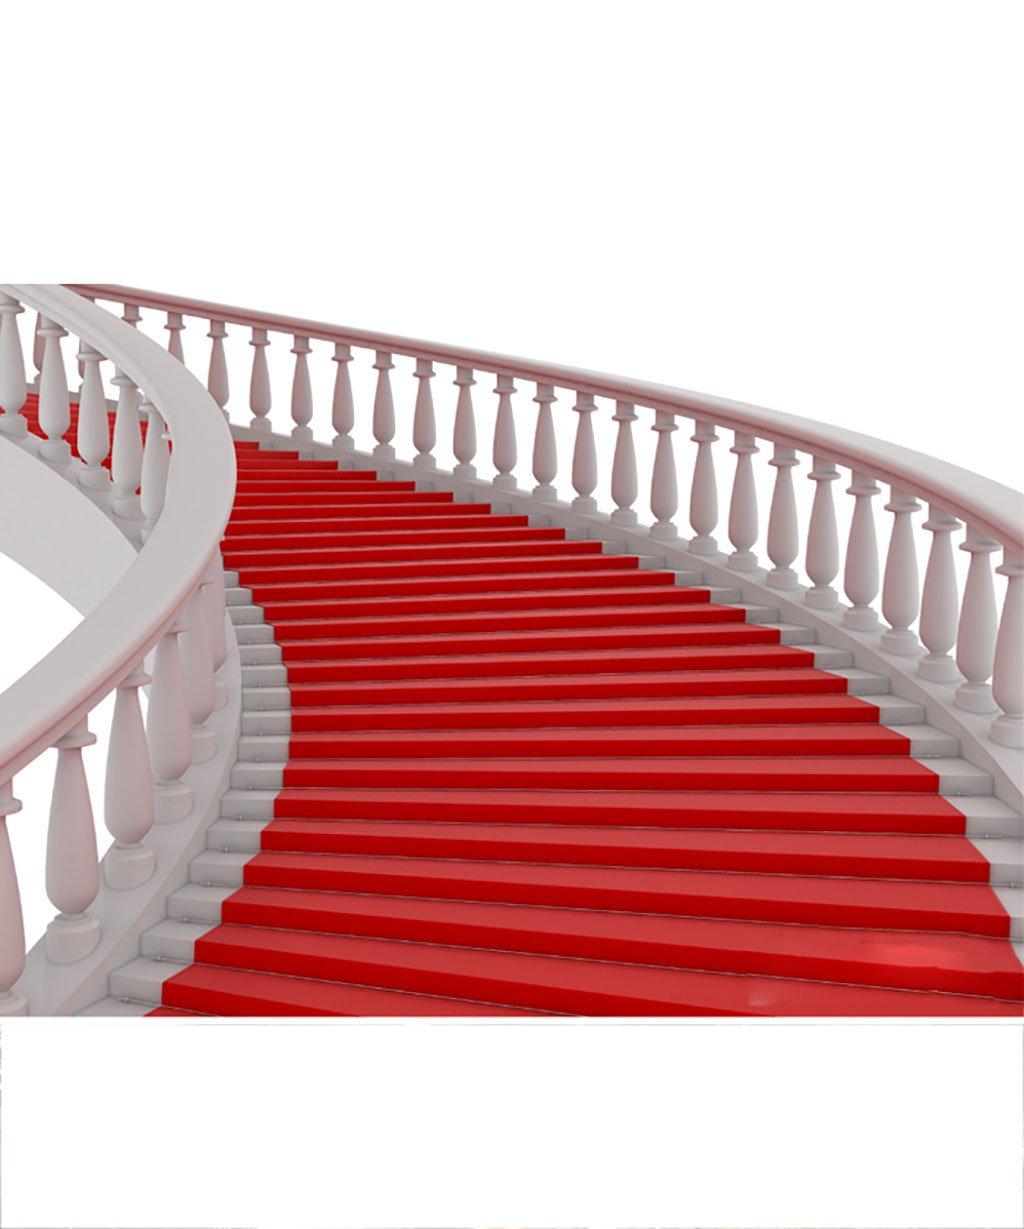 通路ランナーの結婚式 結婚式の敷物使い捨て結婚式のレッドカーペットオープニングセレモニーレッドカーペットレッドカーペット の利用可能 結婚式の装飾カーペット (サイズ さいず : 1m*30m) B07QRFP2BY  1m*30m